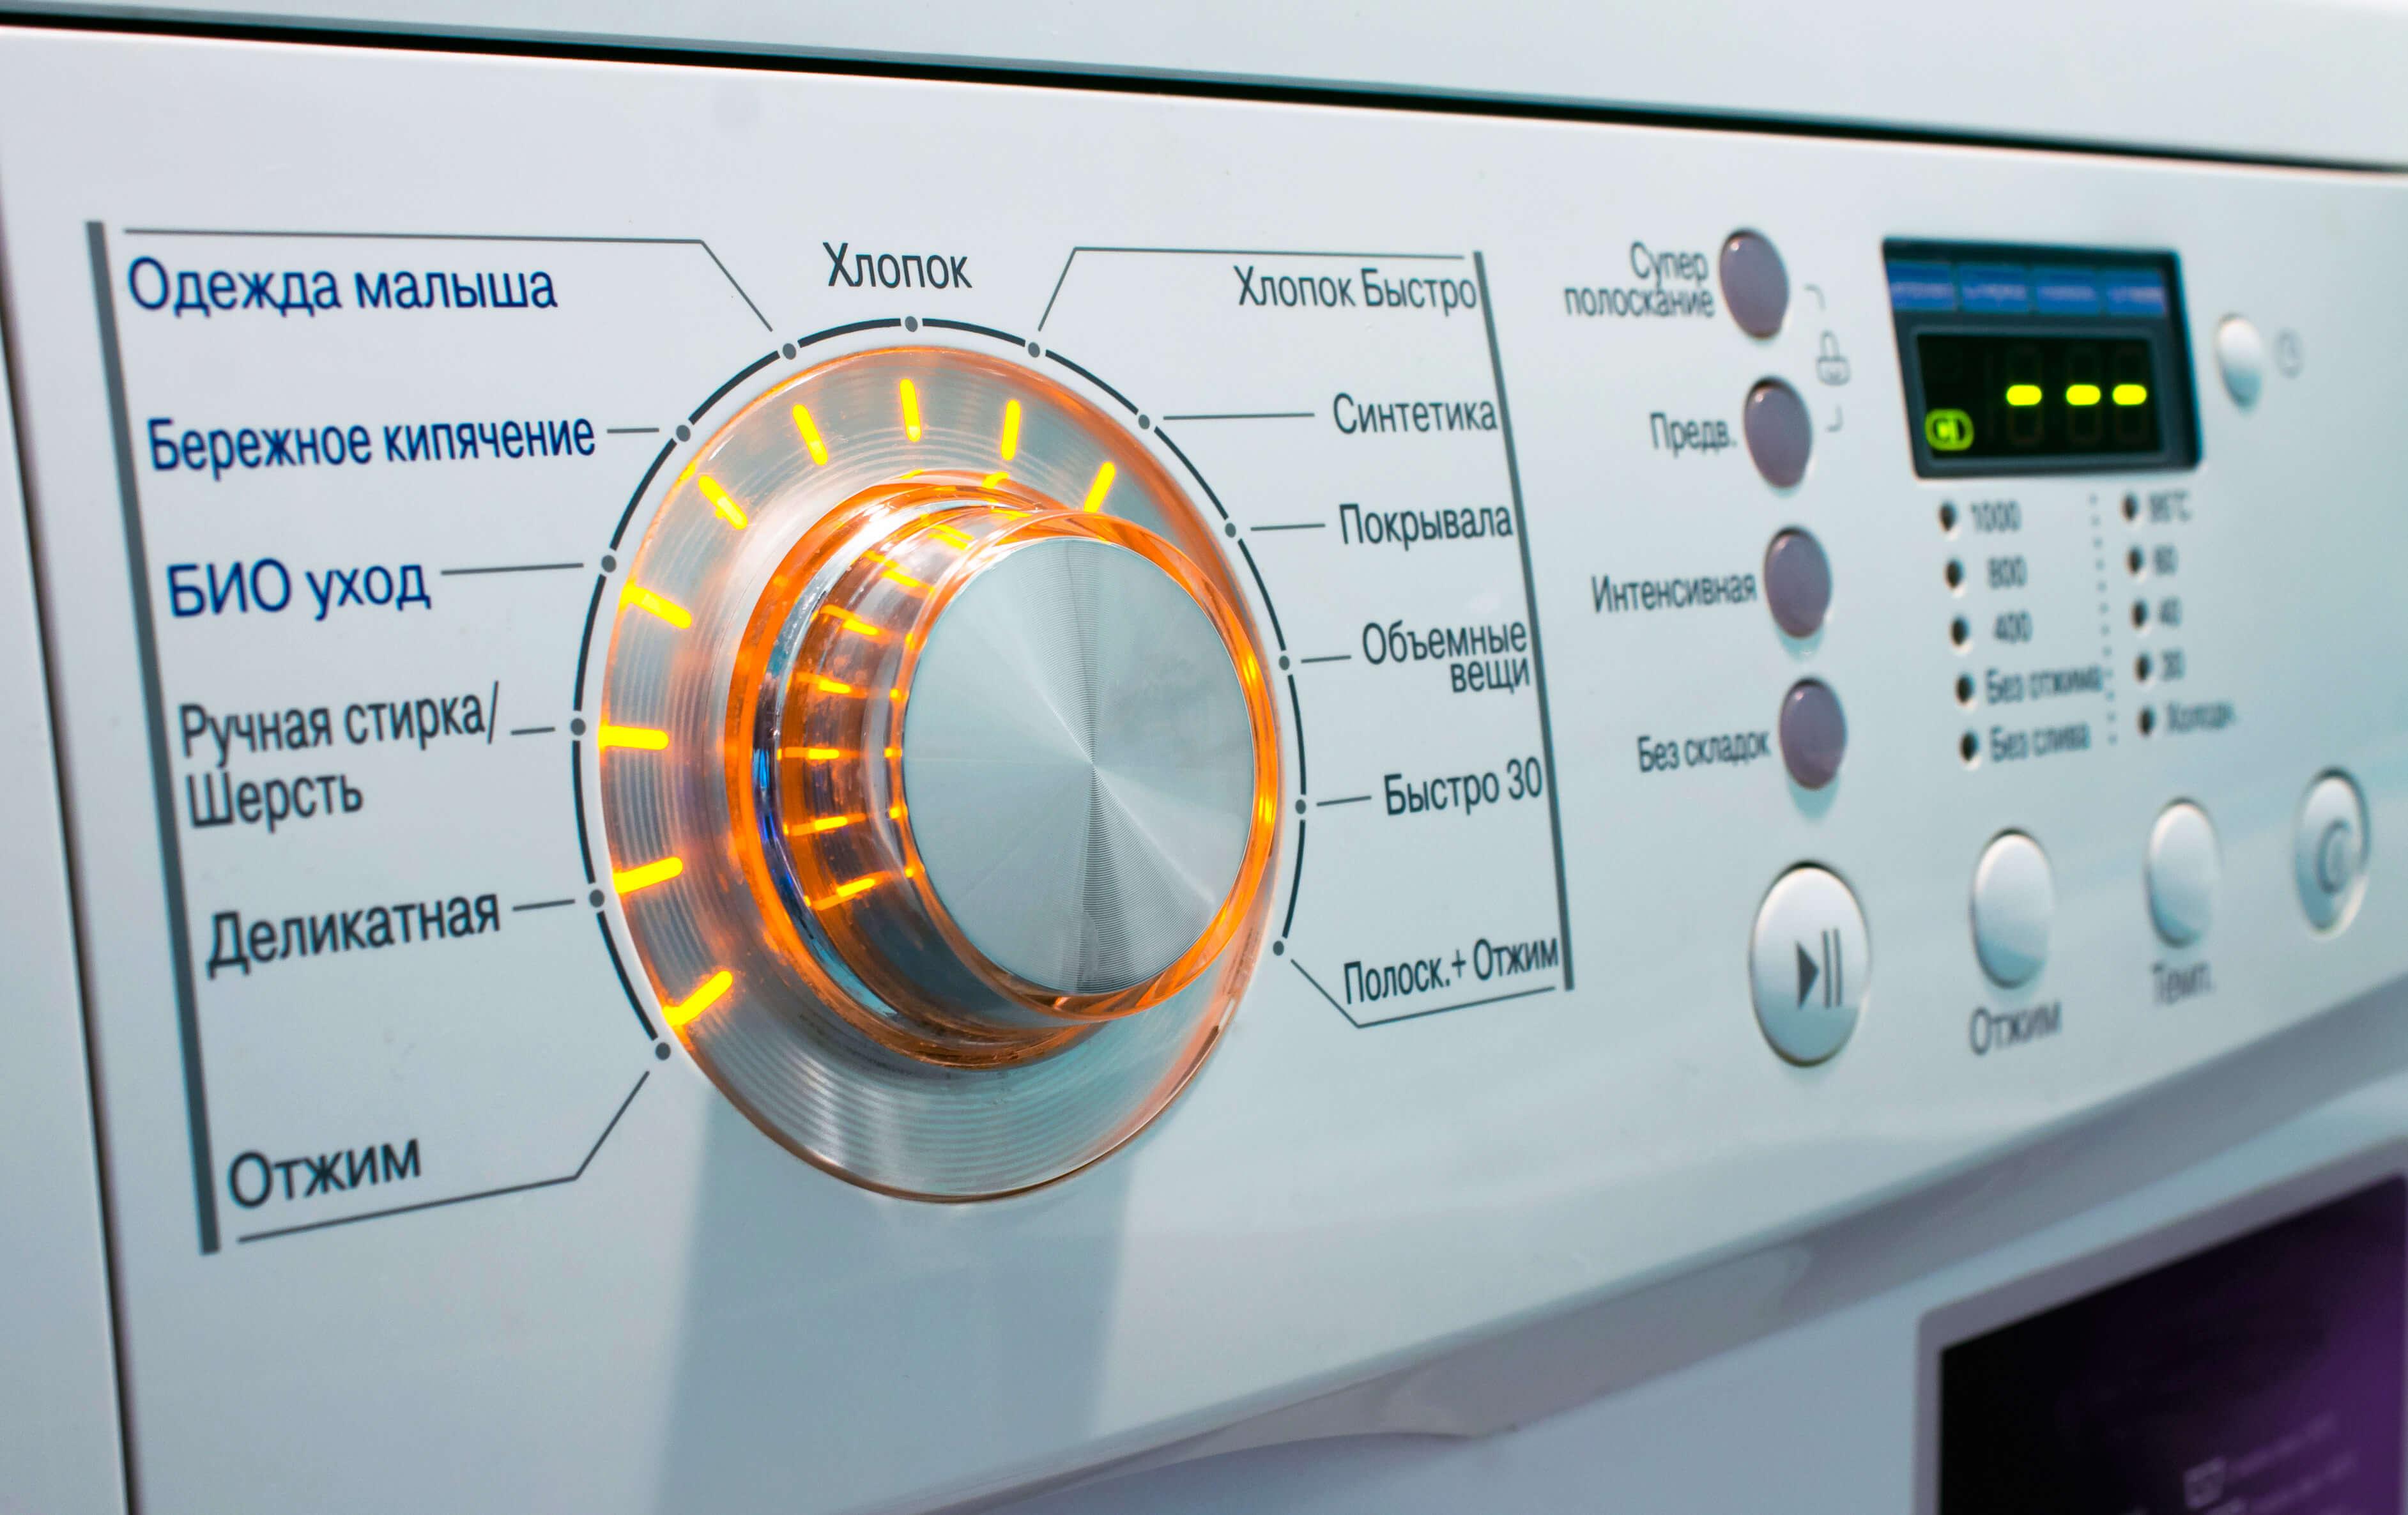 Режимы стиральной машины - виды, применение, особенности